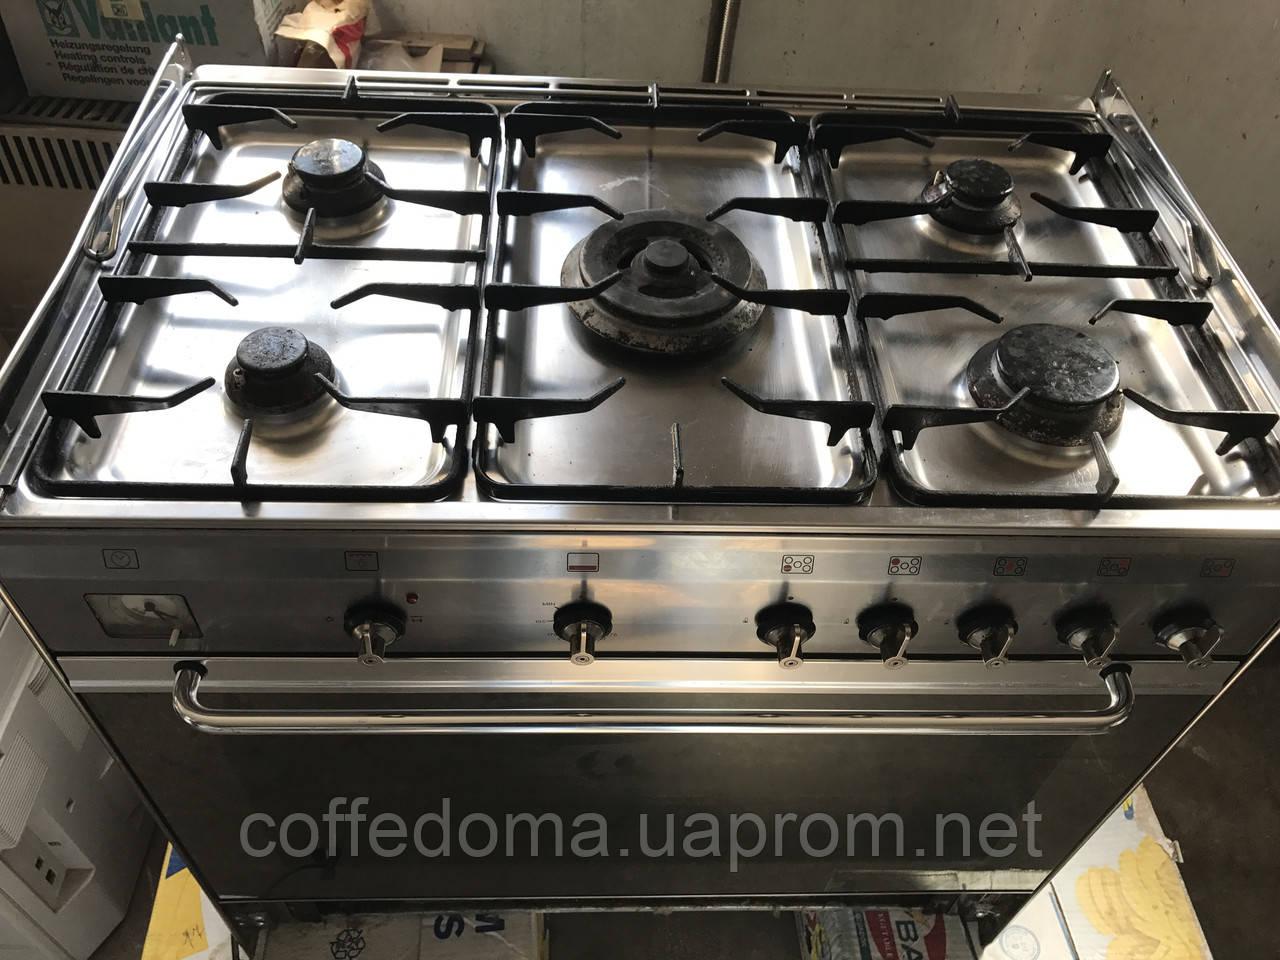 Smeg газовая плита на 5 конфорок с газовой духовкой